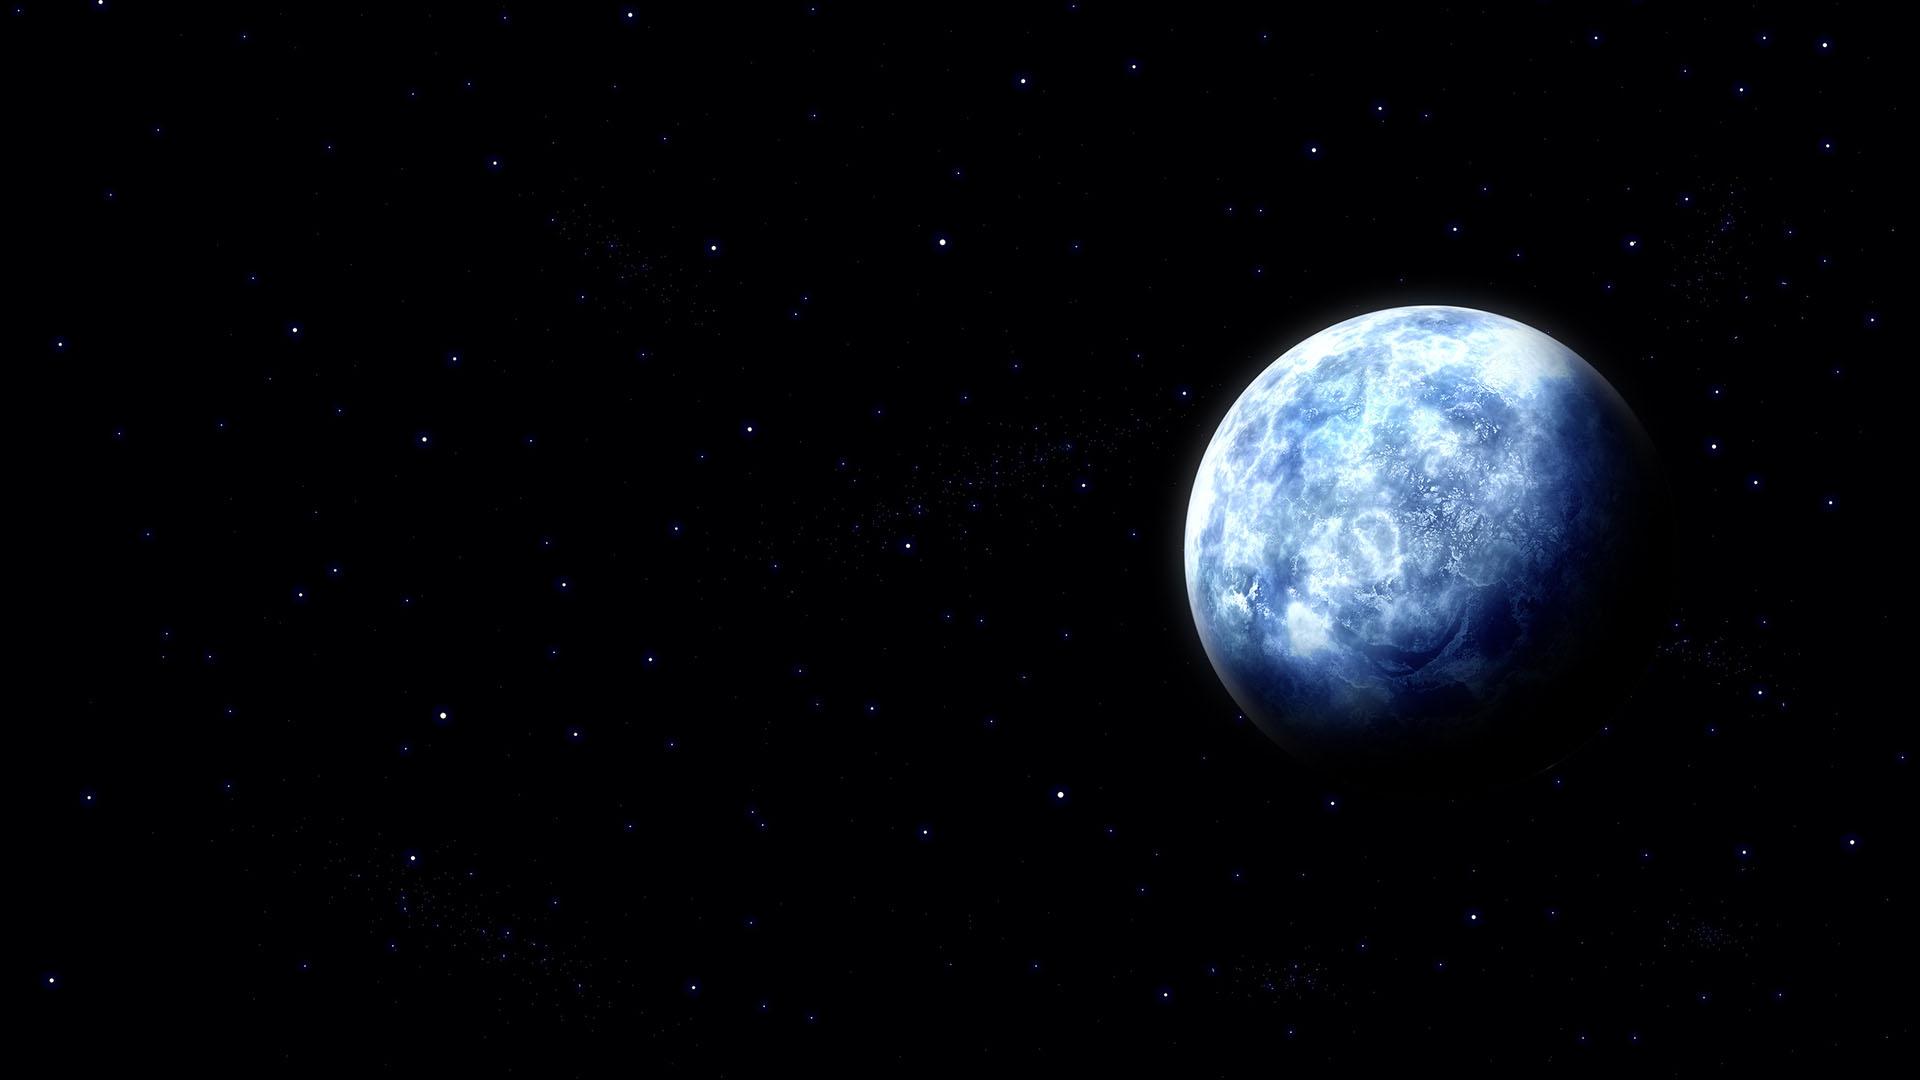 黑暗星空 蓝色地球壁纸